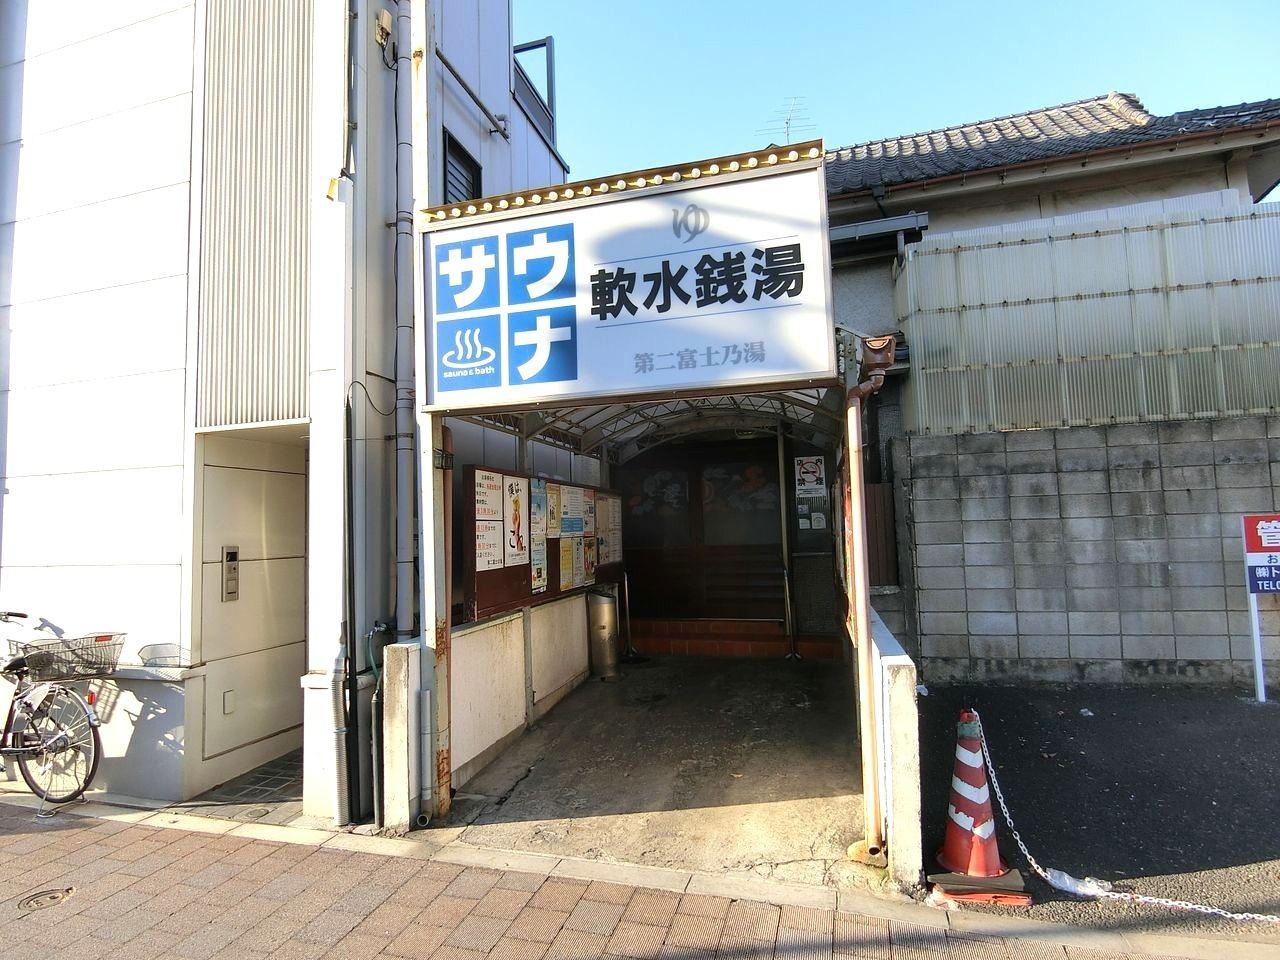 板橋区の銭湯 第二富士乃湯